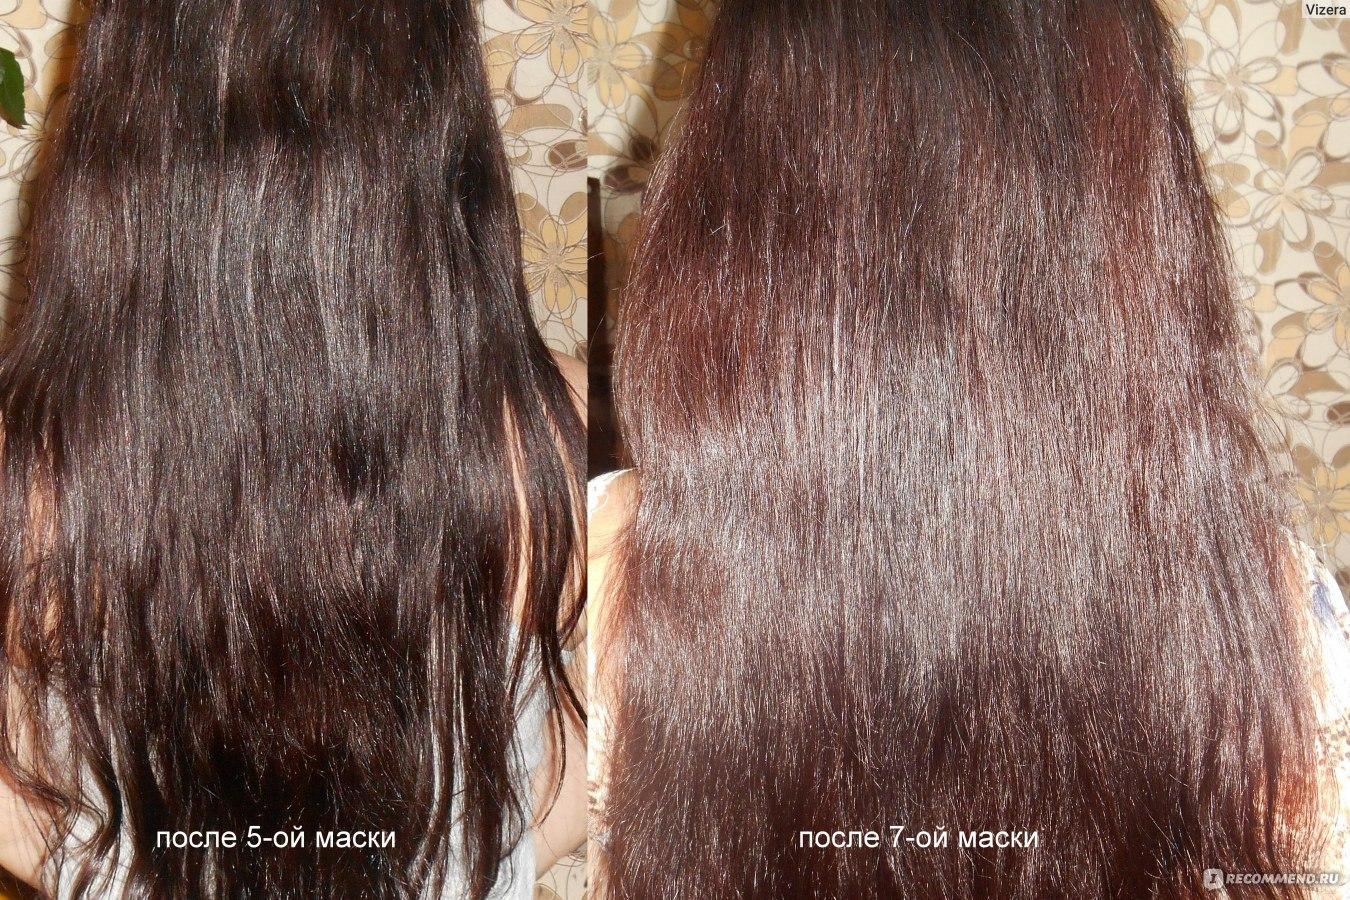 Как вывести черный цвет волос - ТОП 10 эффективных методов 66